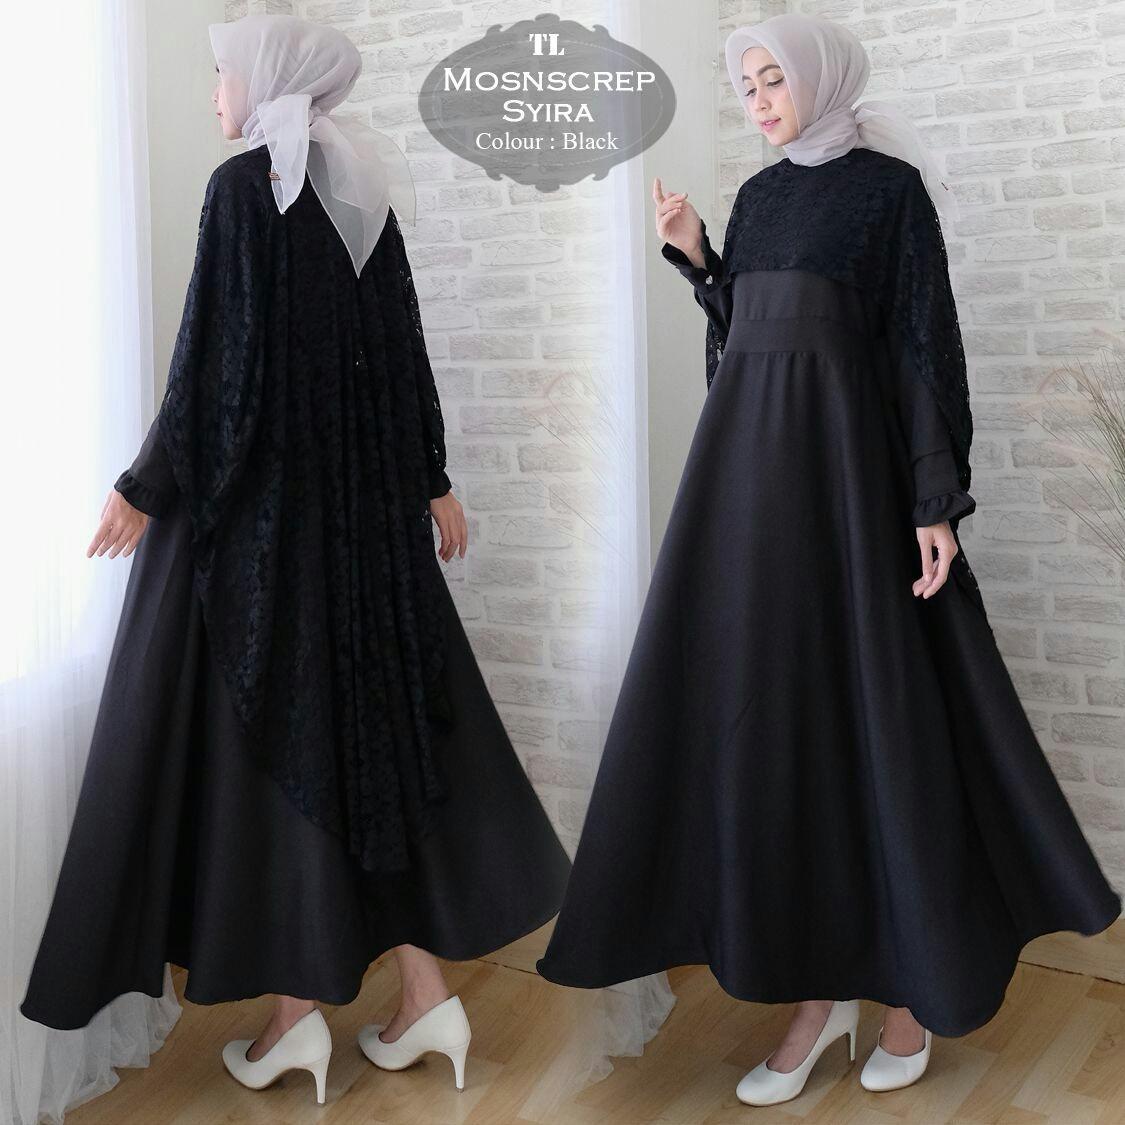 Syari i wanita - Gamis pesta - Gamis muslim wanita - Gamis wanita - Baju muslim wanita terbaru busui - Maxi wanita busui - Promo 2